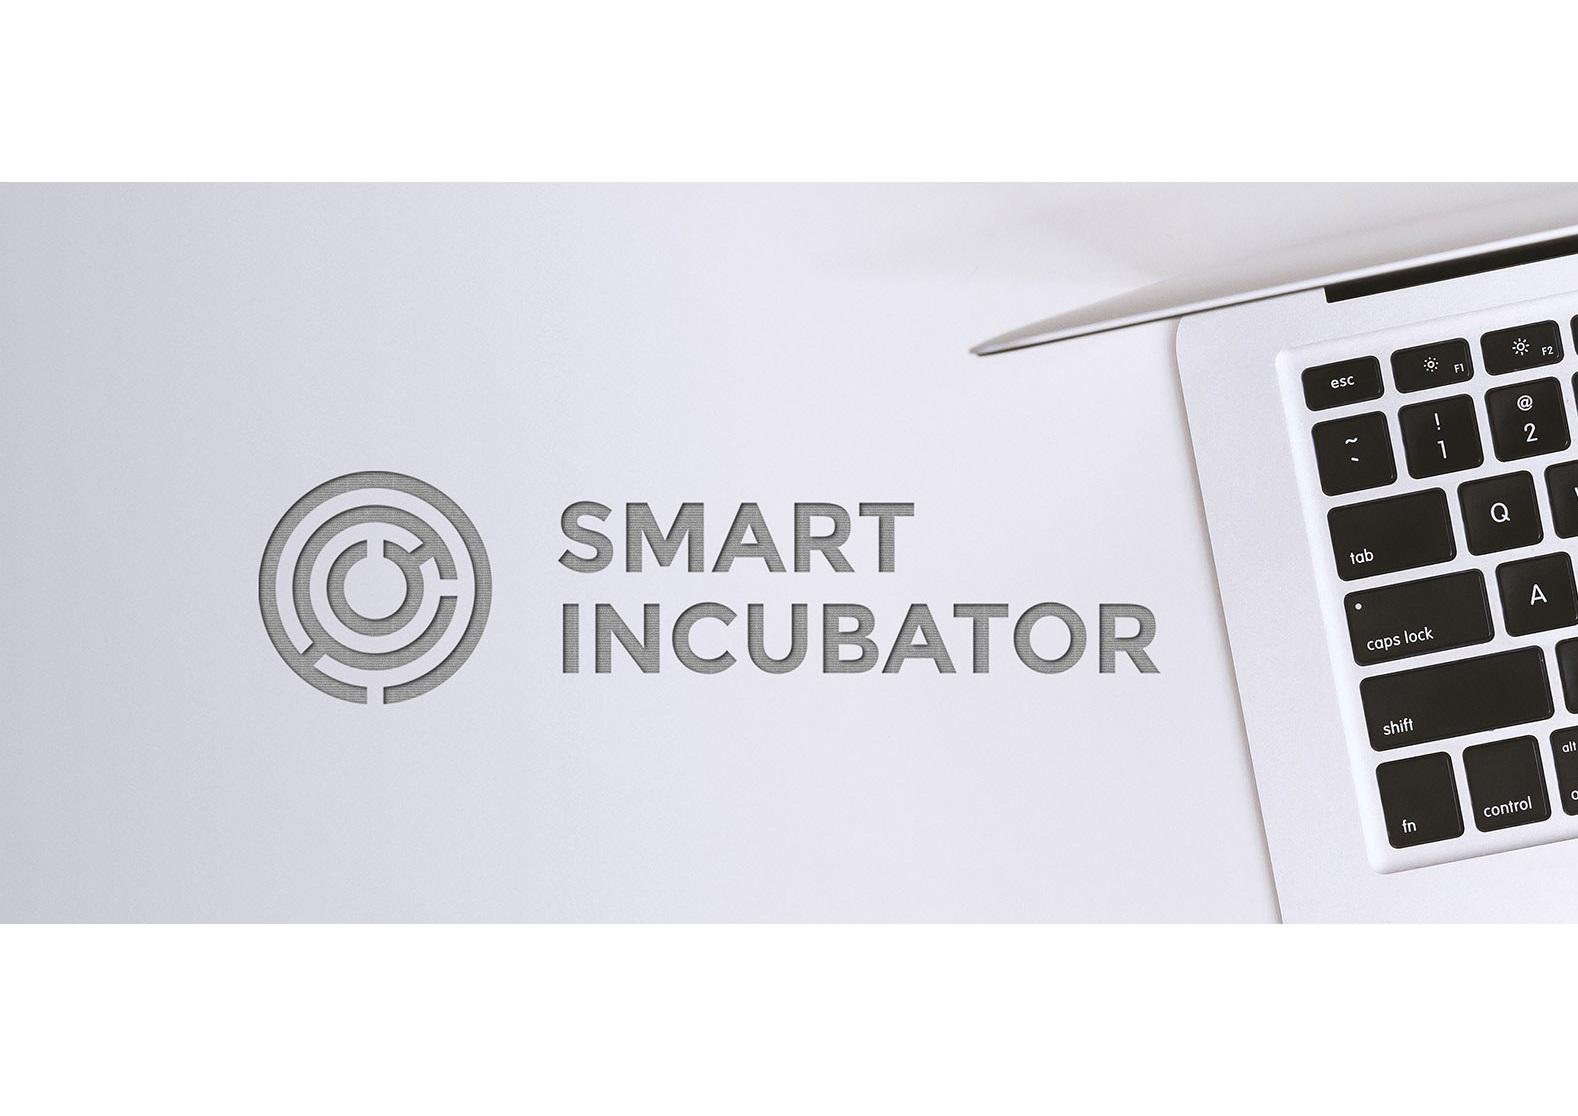 Pametni inkubator - internet platforma za učenje